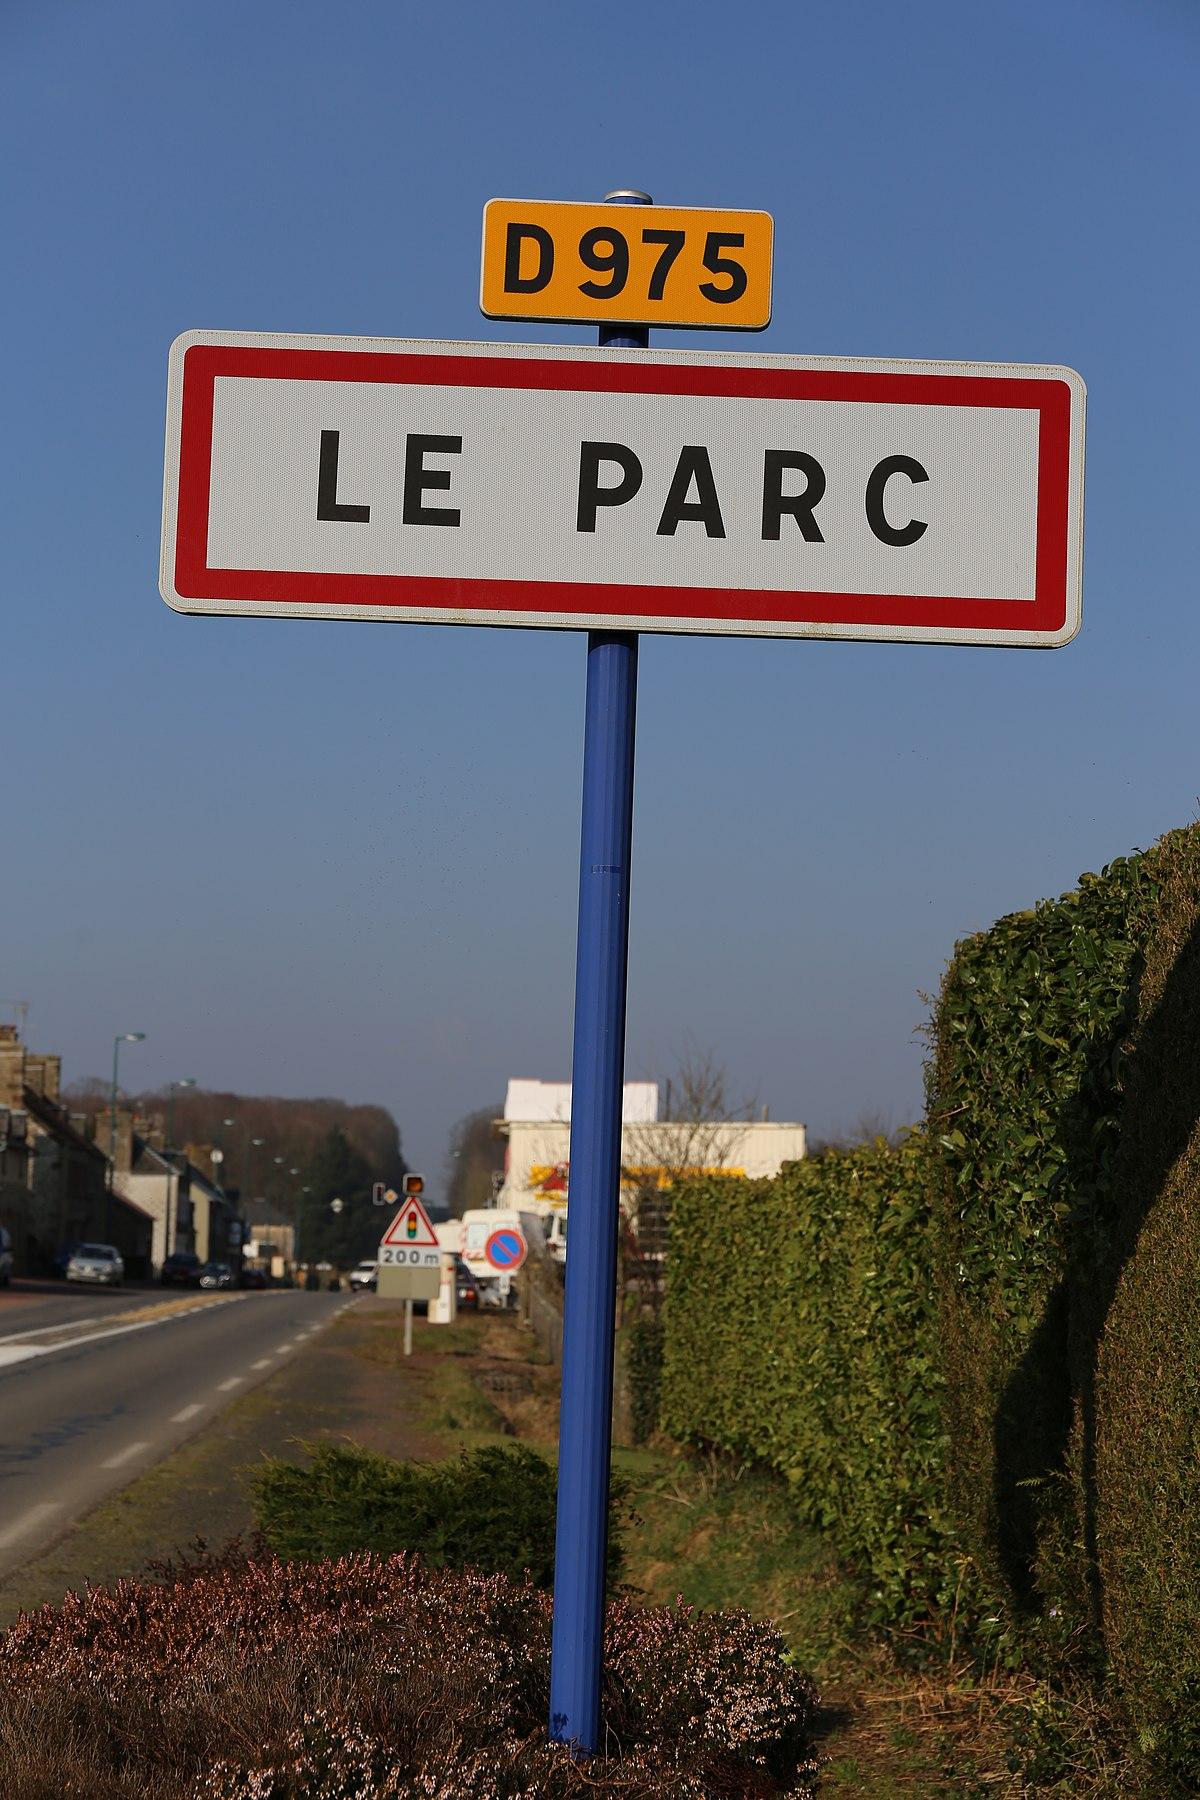 Le parc wikidata for Chaise baudouin